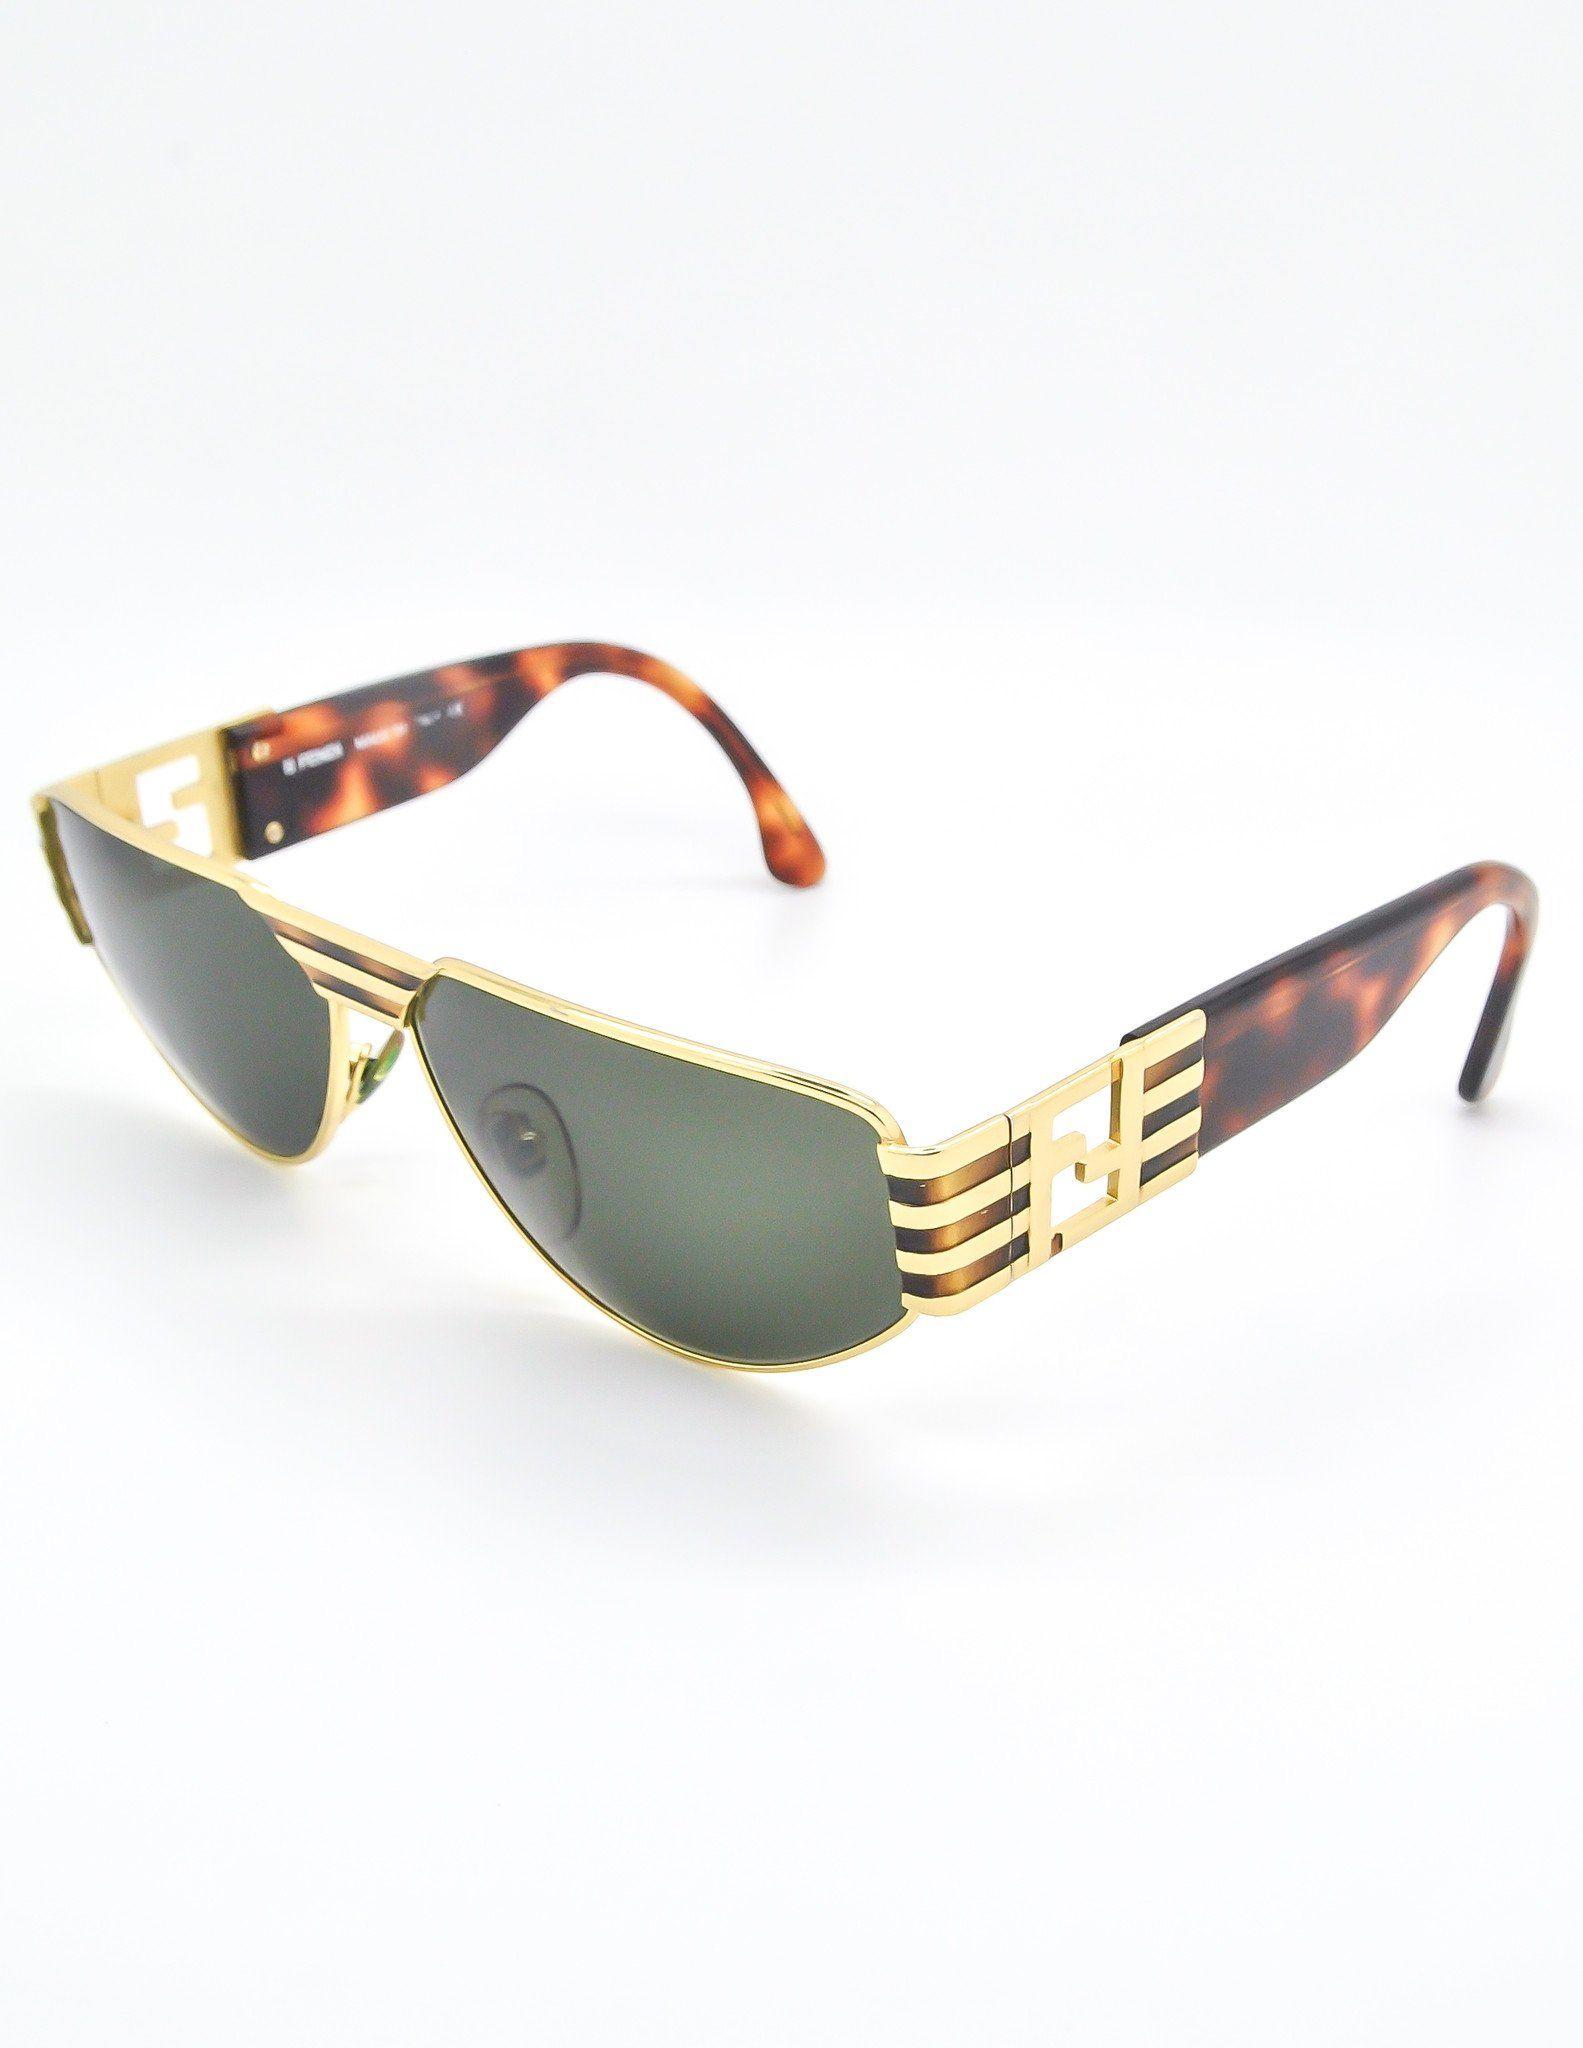 fda27633064c Fendi Vintage Gold Tortoise Logo Sunglasses FS 214 | #Shade | Fendi ...